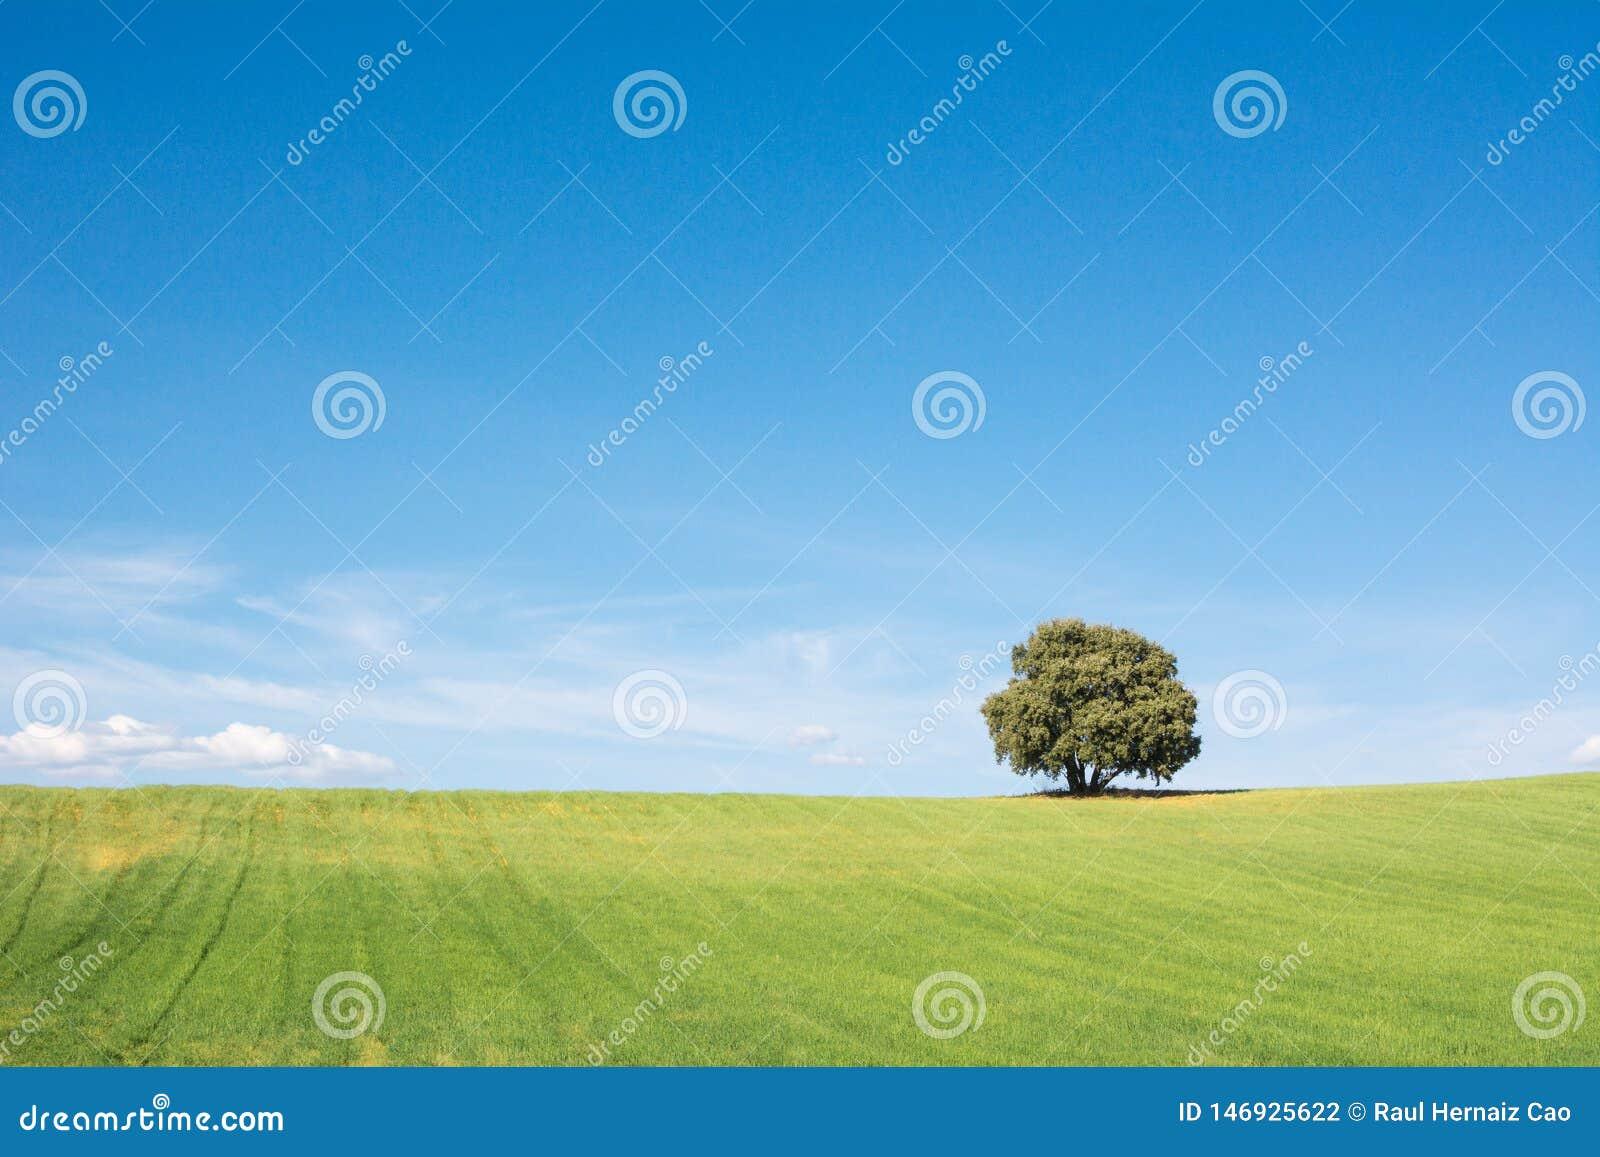 Baum lokalisiert auf einem grünen Feld, unter einem sauberen blauen Himmel